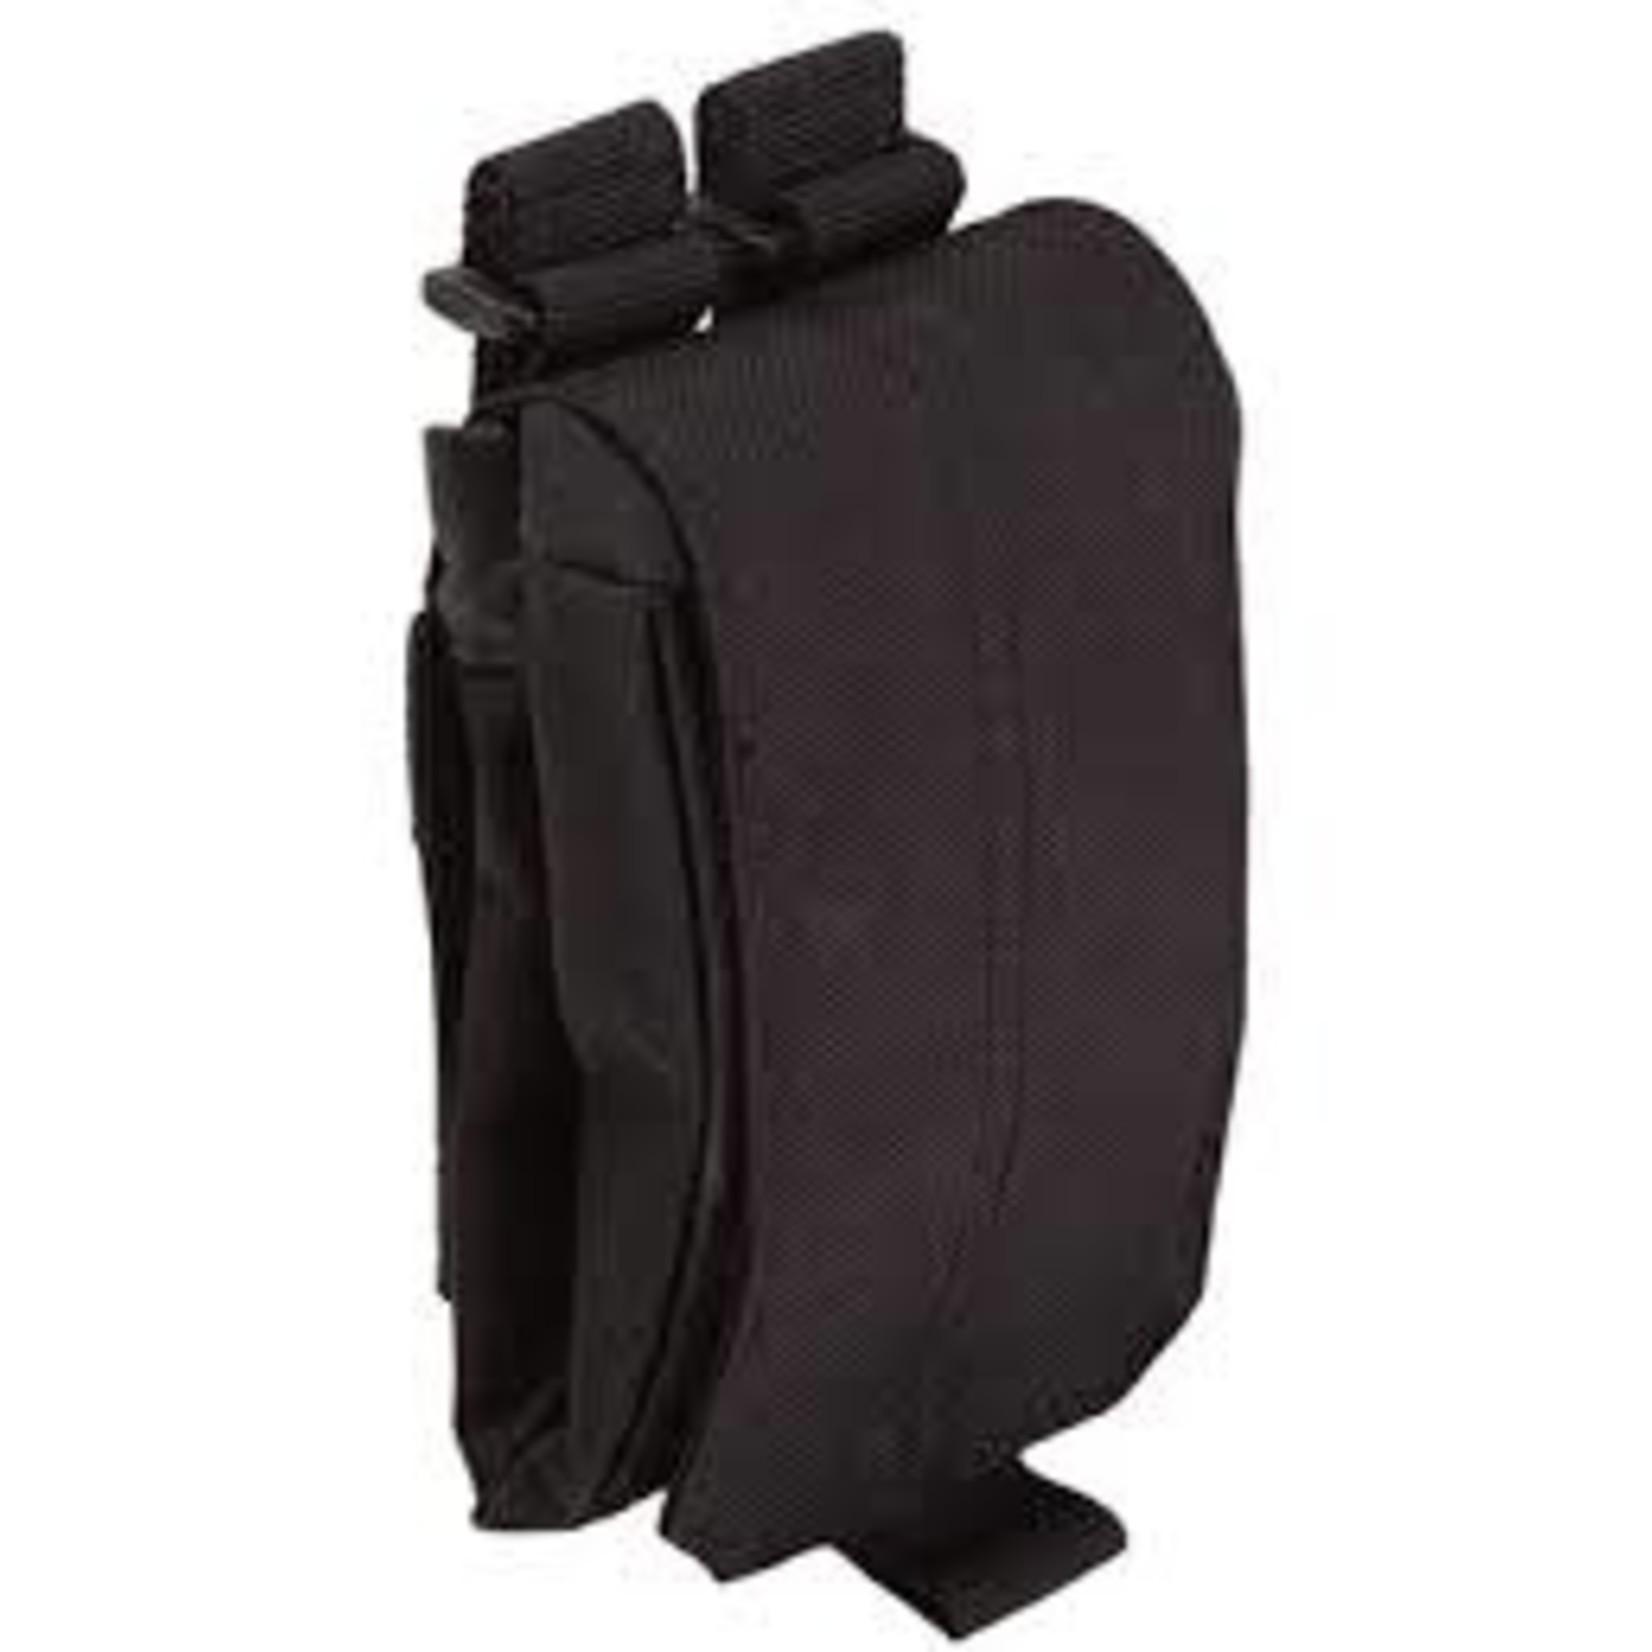 5.11 Tactical 5.11 Large Drop Pouch